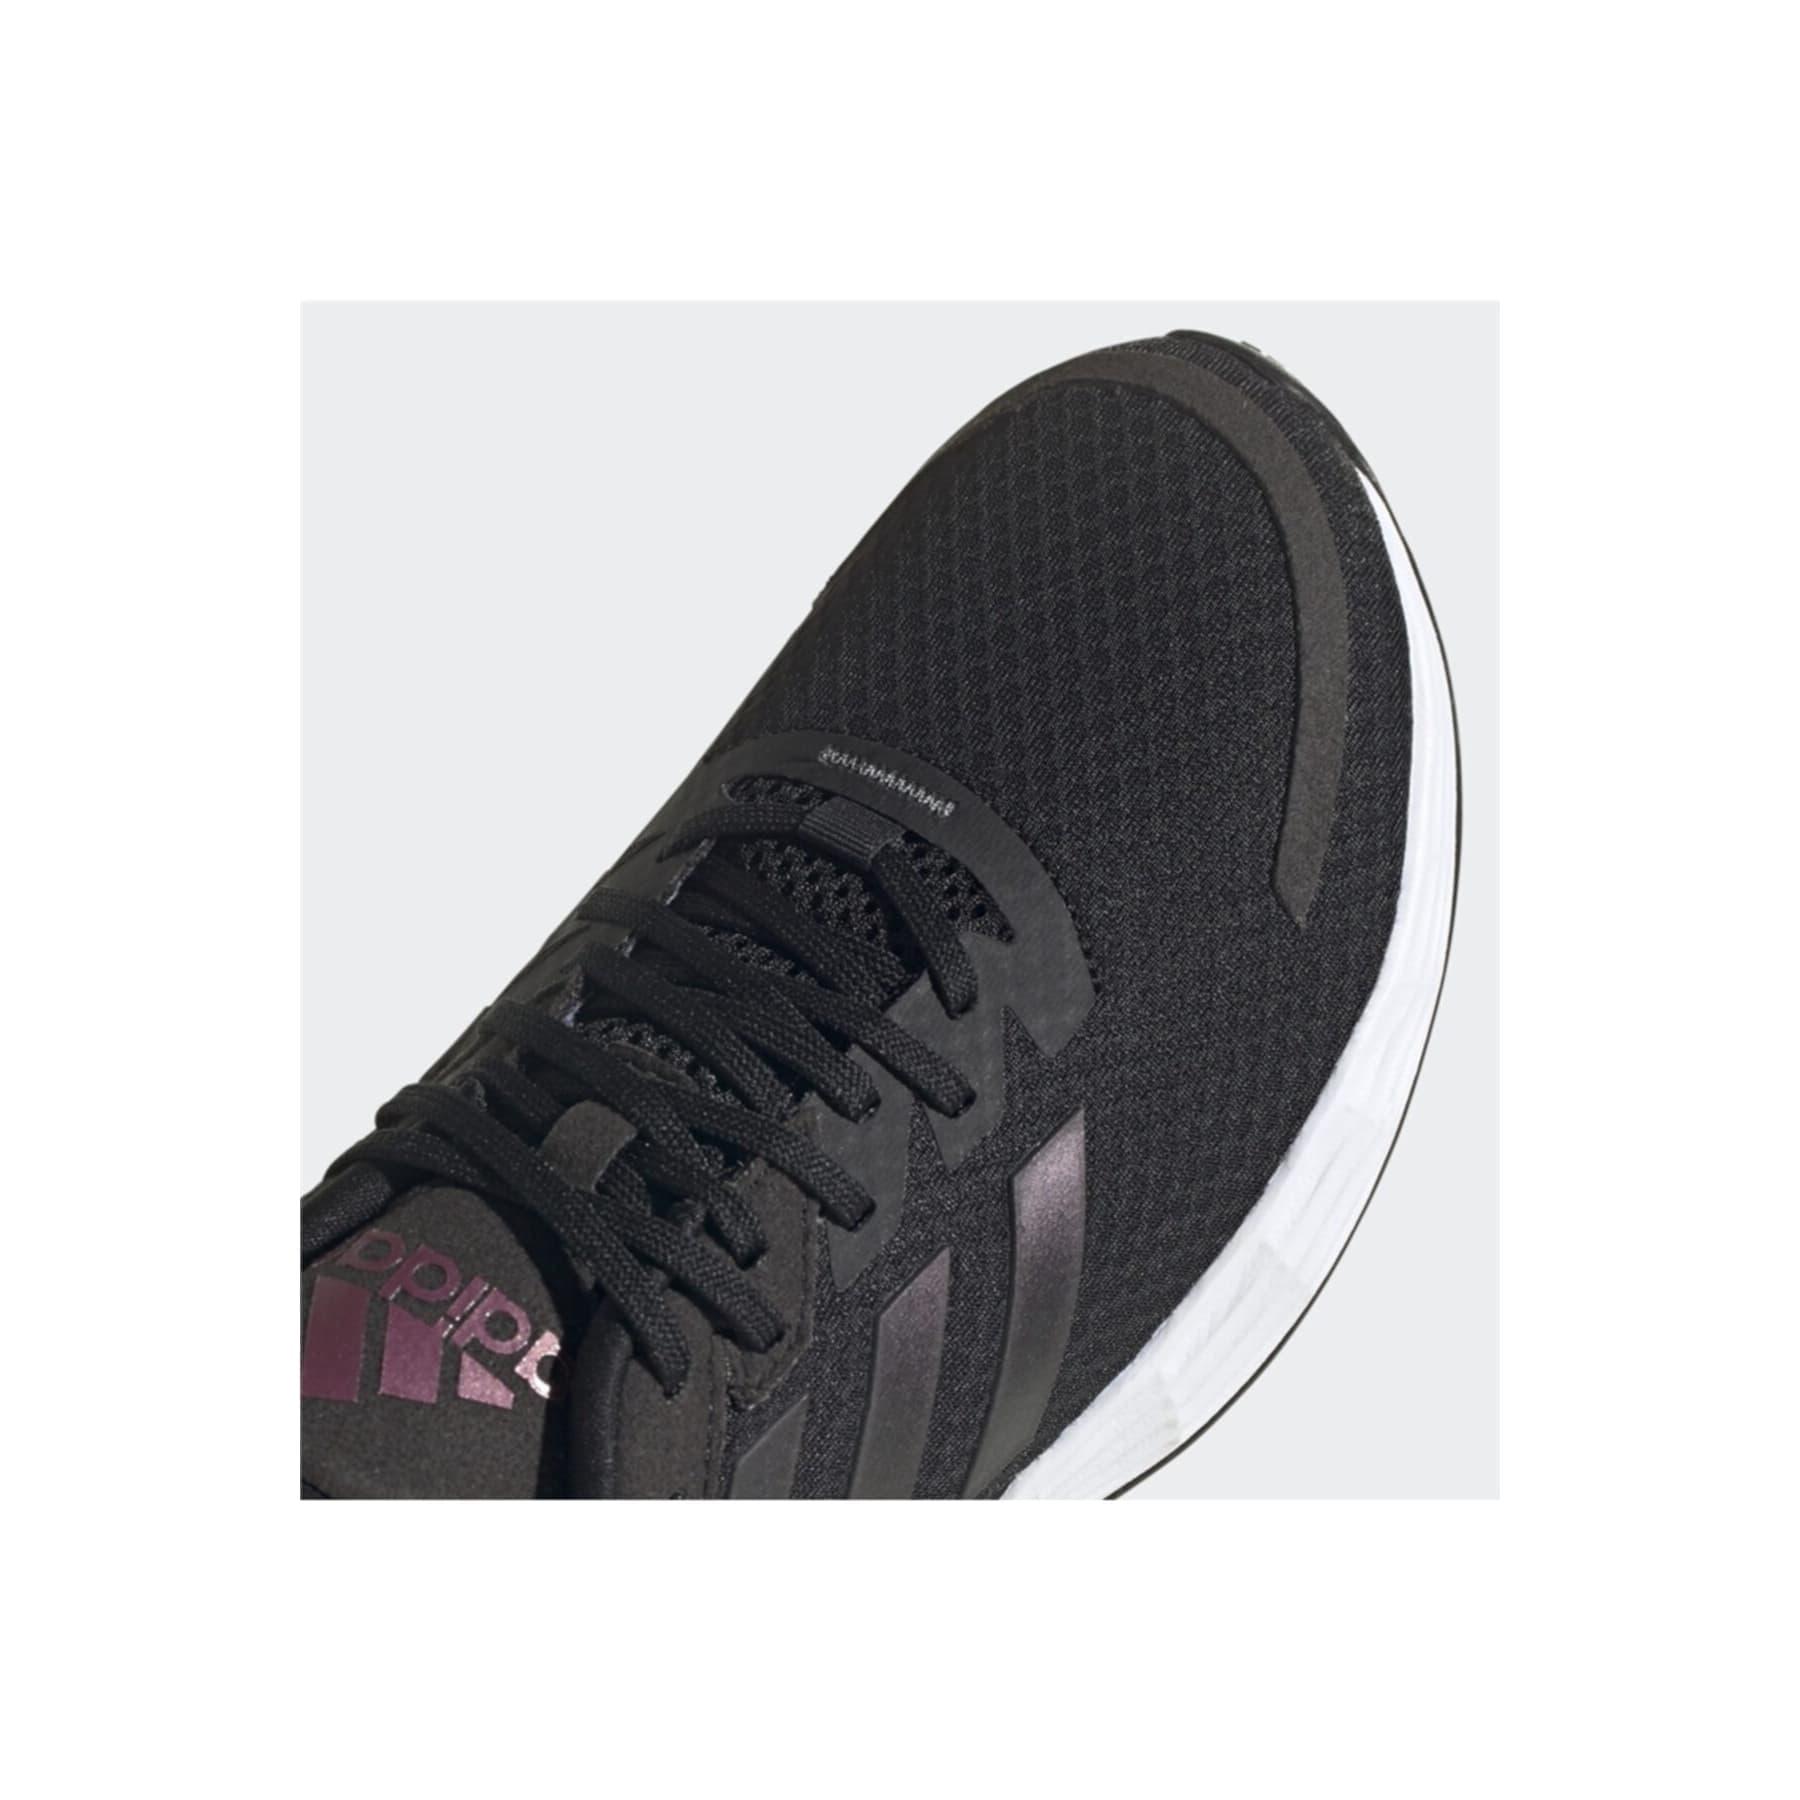 Duramo SL Kadın Siyah Koşu Ayakkabısı (FY6709)